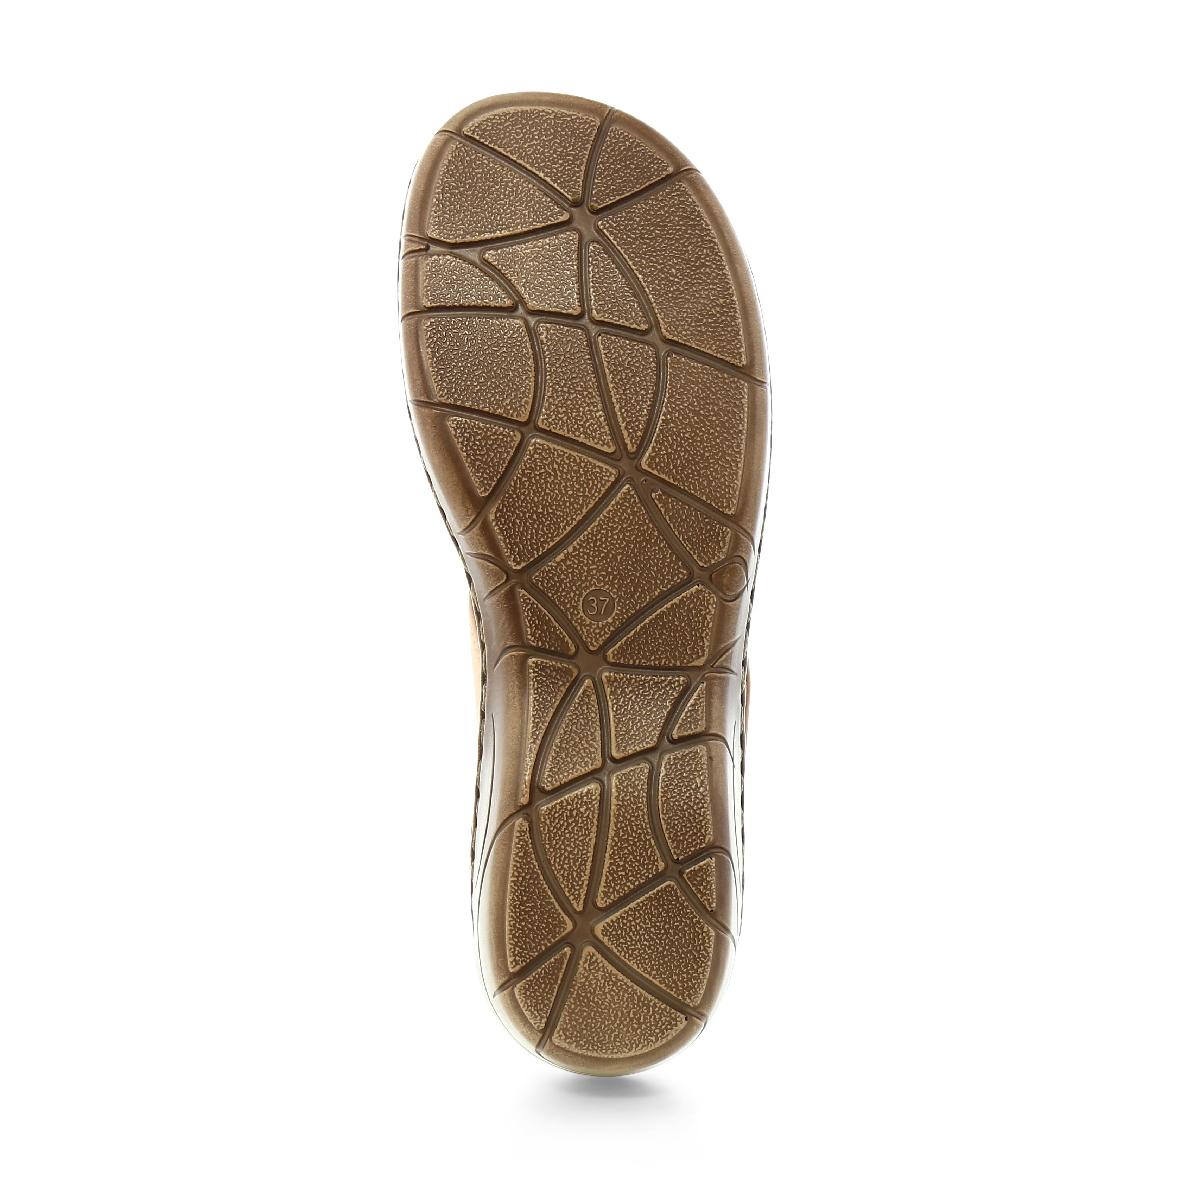 19de6654 Jenny by ara Damen Pantolette 22-57281-70 copper beige | Schuhe ...